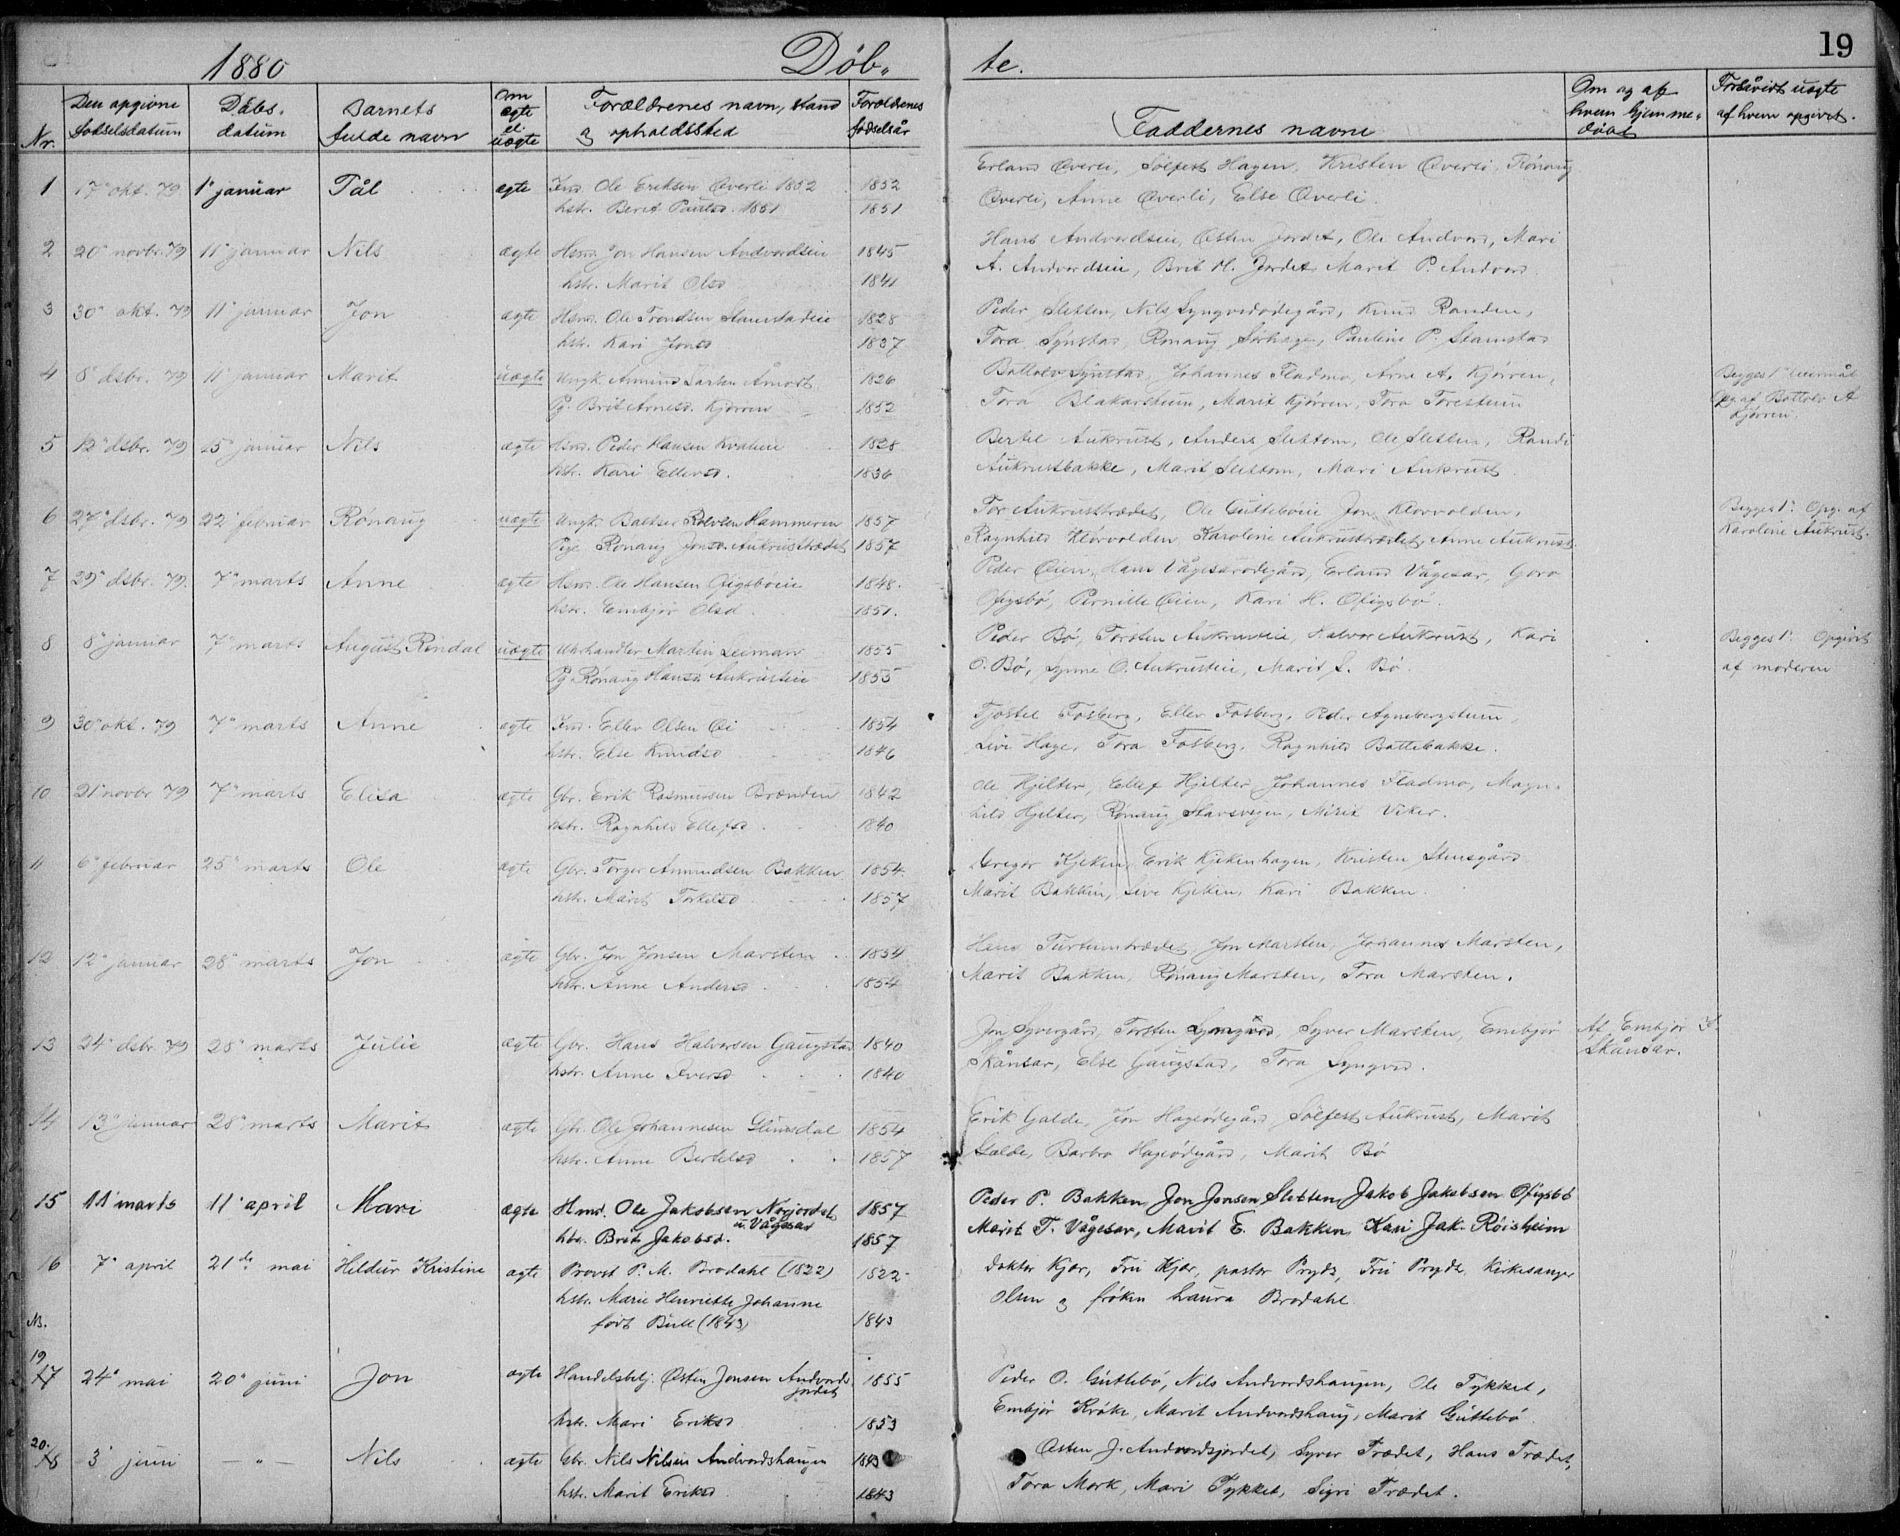 SAH, Lom prestekontor, L/L0013: Klokkerbok nr. 13, 1874-1938, s. 19